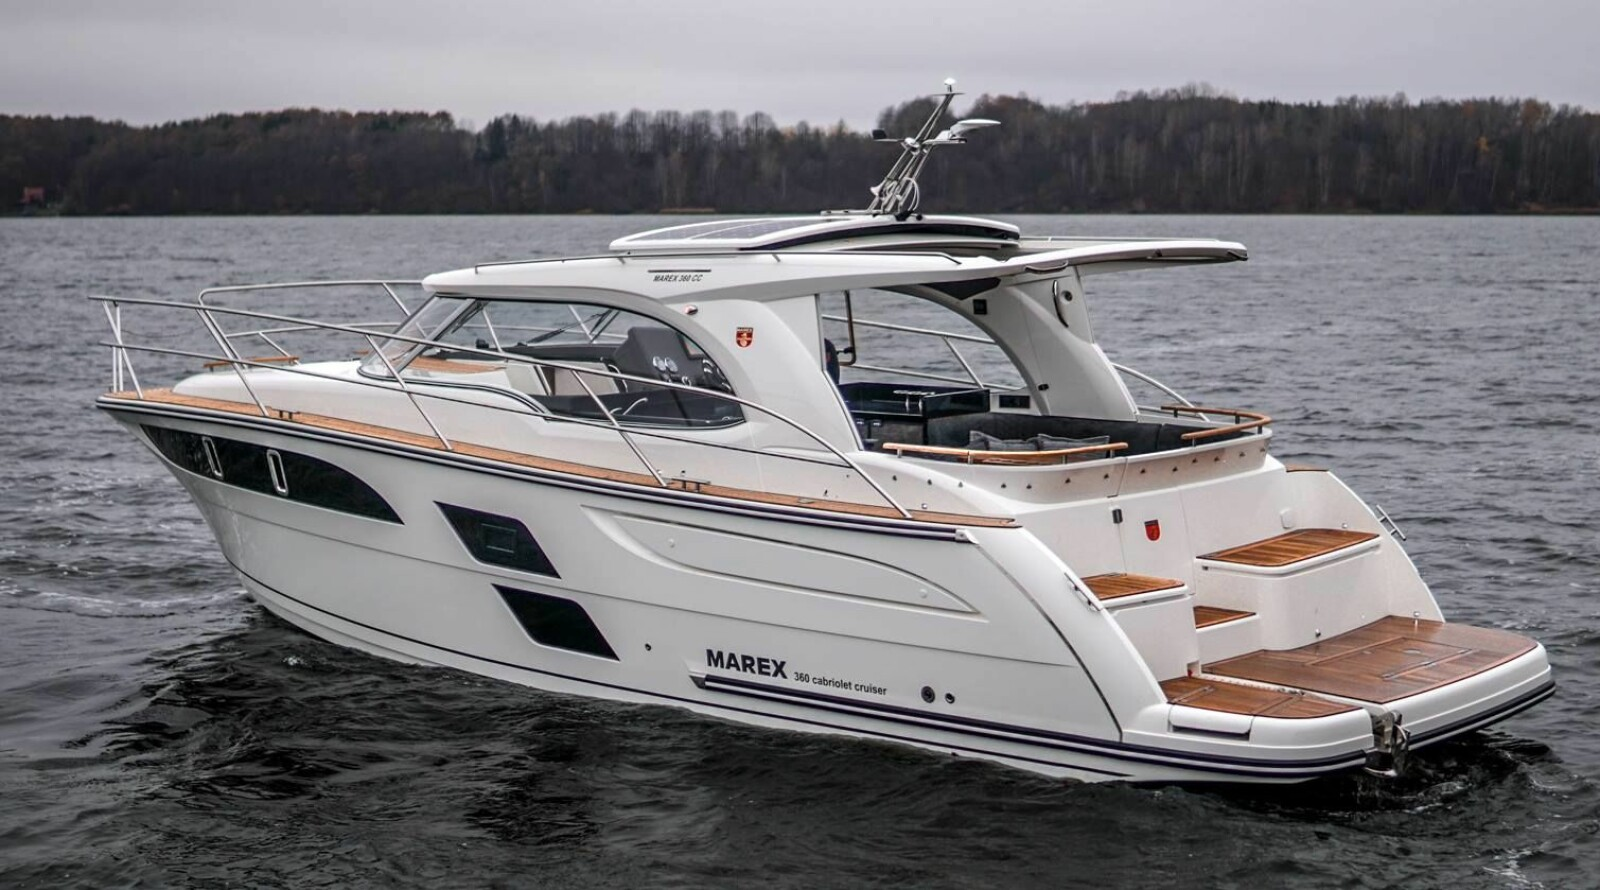 VERDENSPREMIERE: 360 Cabriolet Cruiser har verdenspremiere på den gigantiske båtutstillingen BOOT i Düsseldorf i januar. Marex har åpnet for bestillinger.